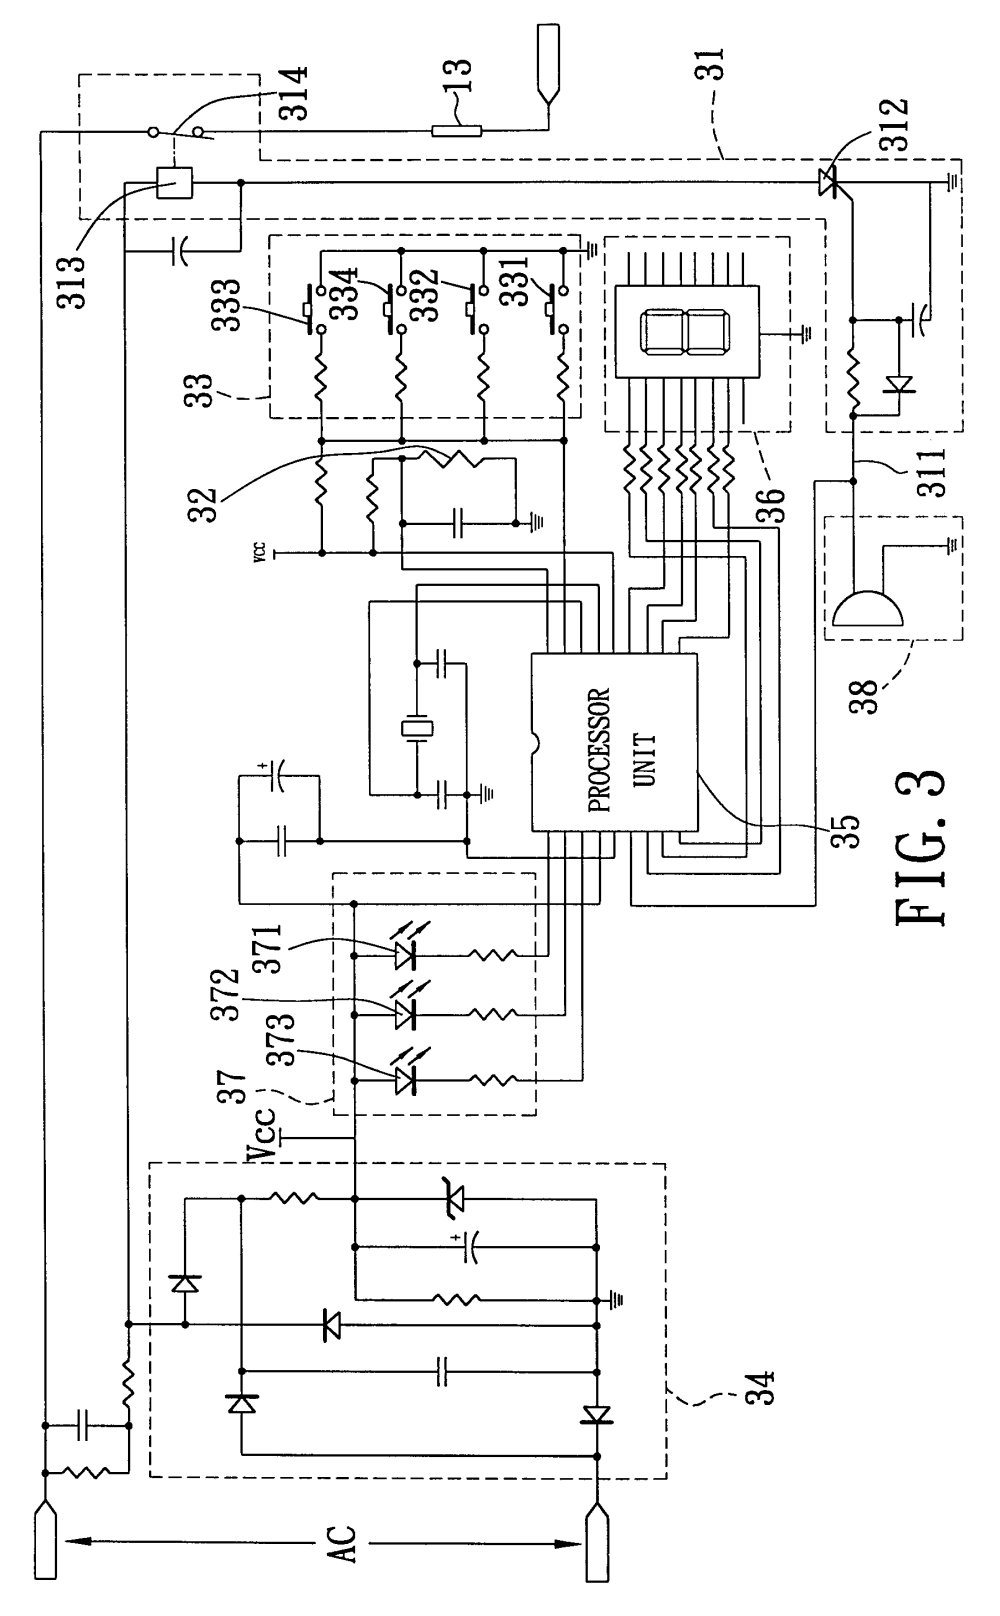 medium resolution of ranco temperature controller wiring diagram